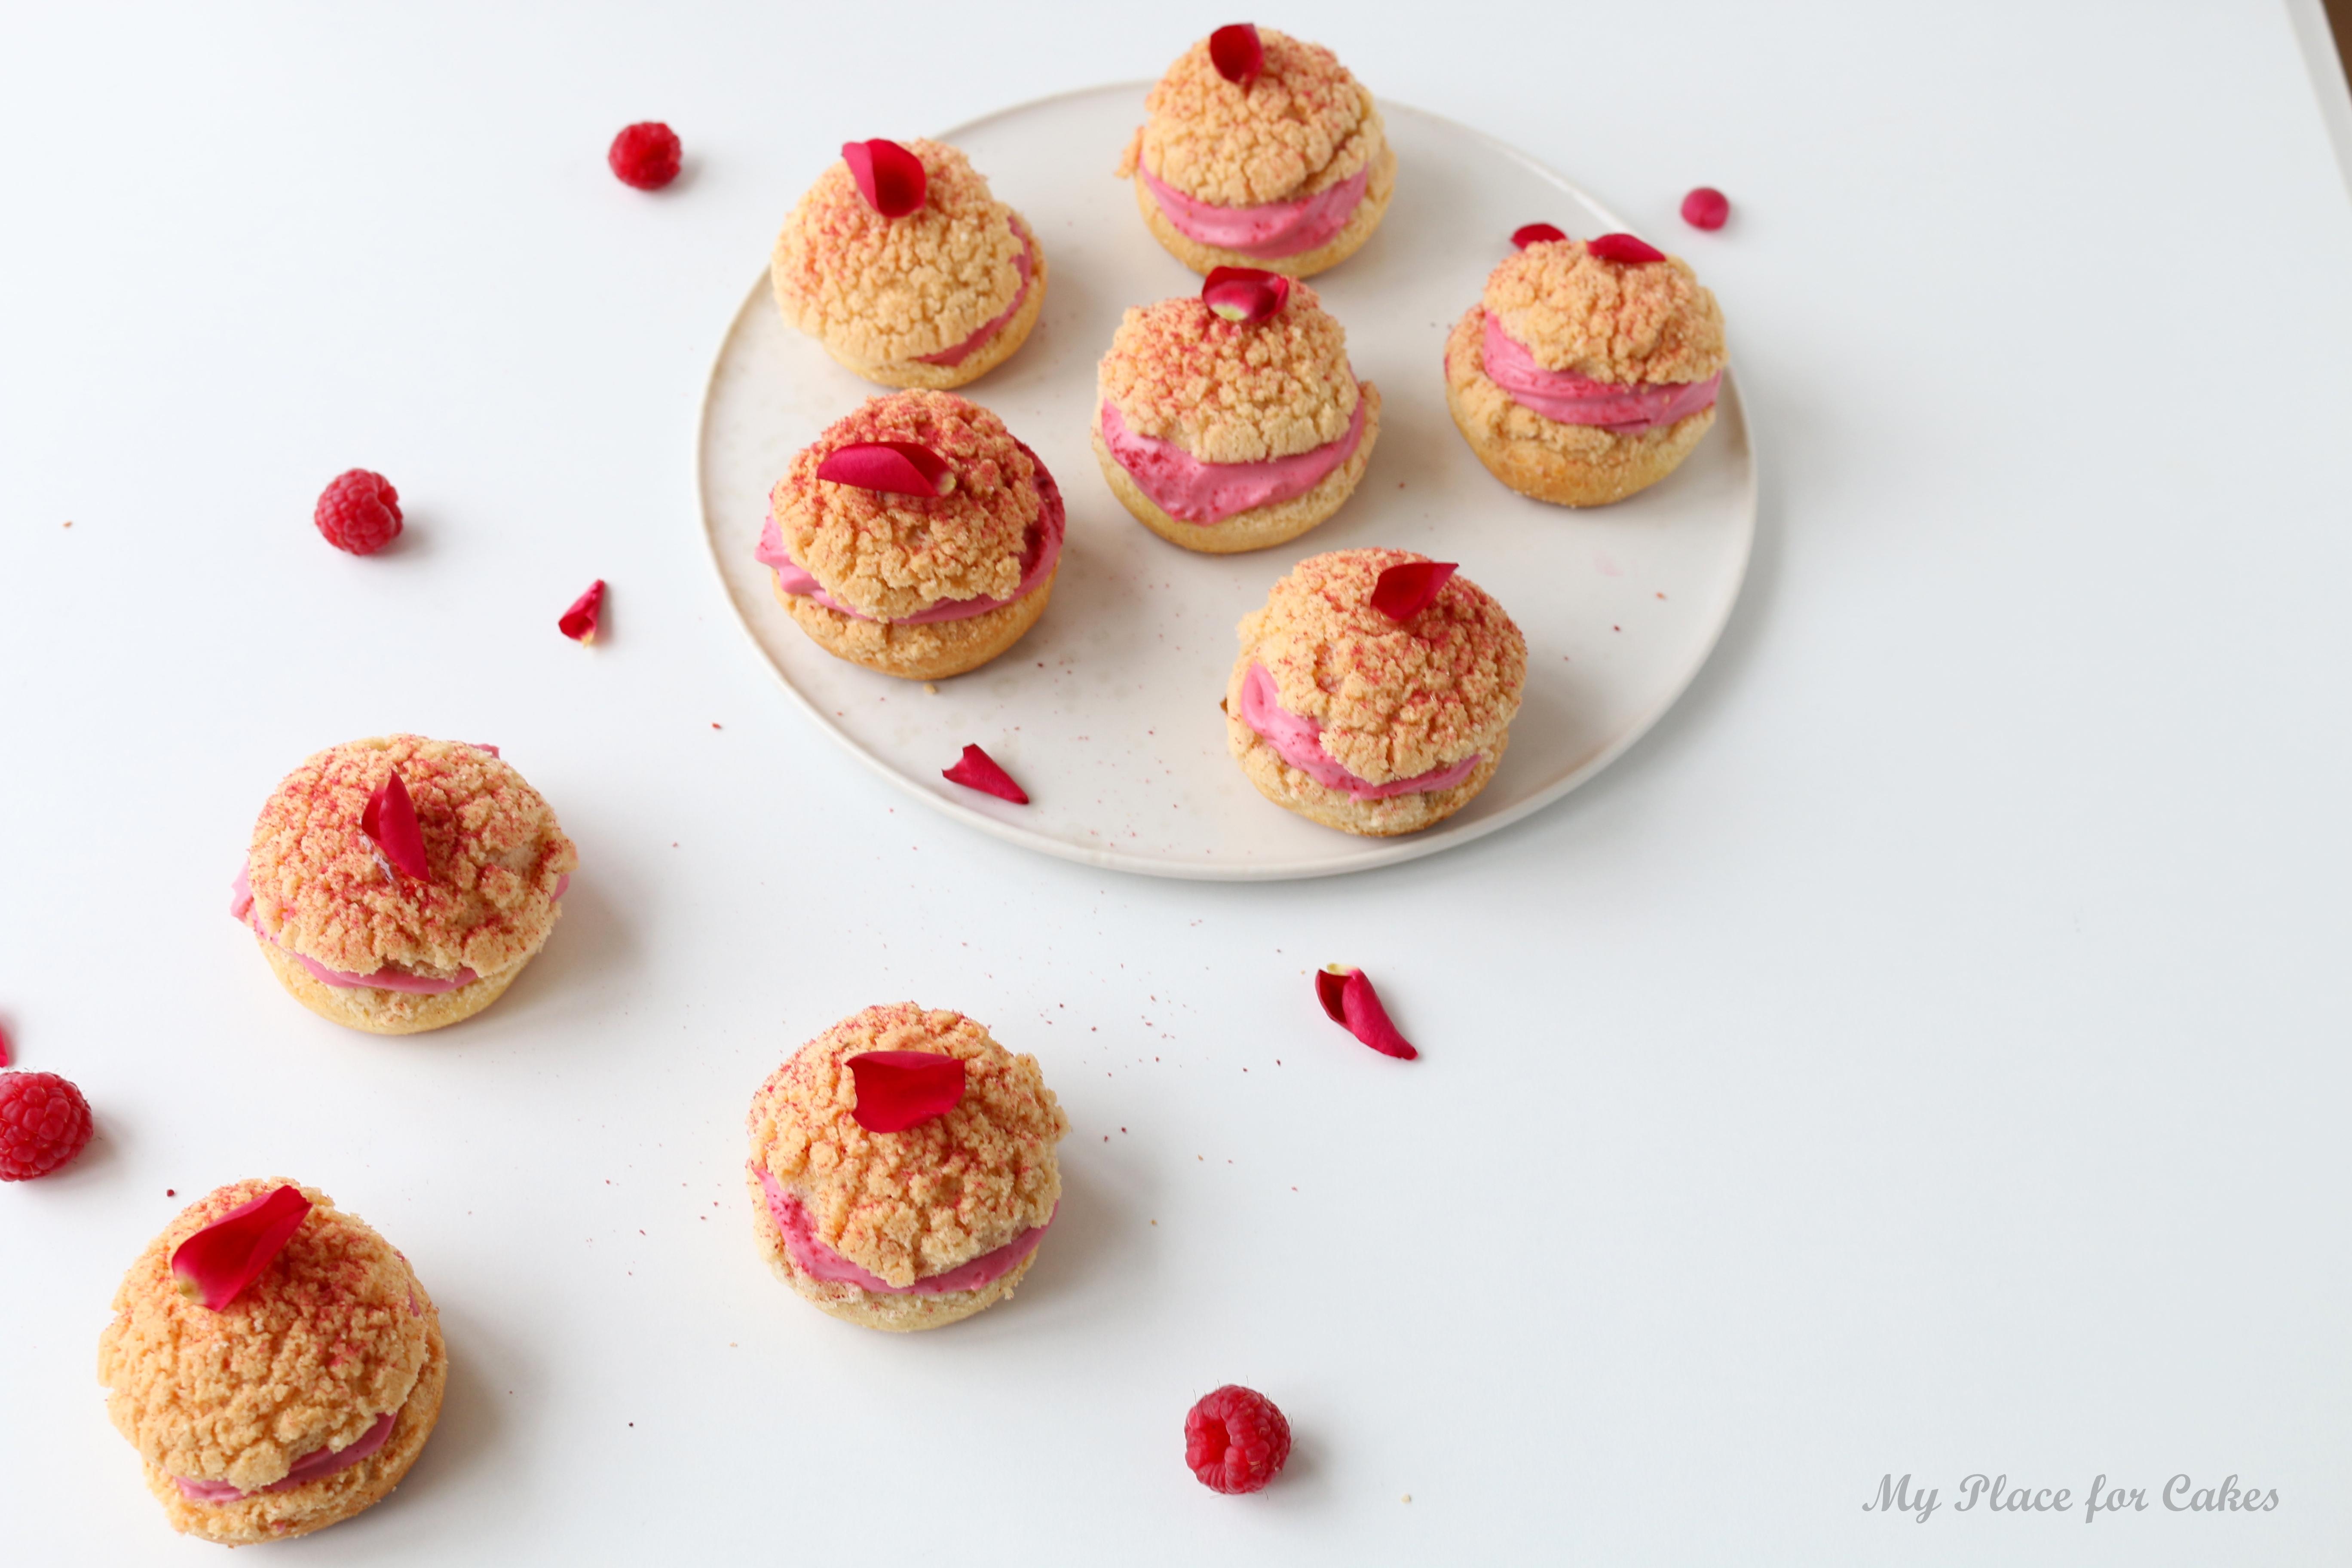 choux au craquelins med hindbærcreme - fastelavnsboller